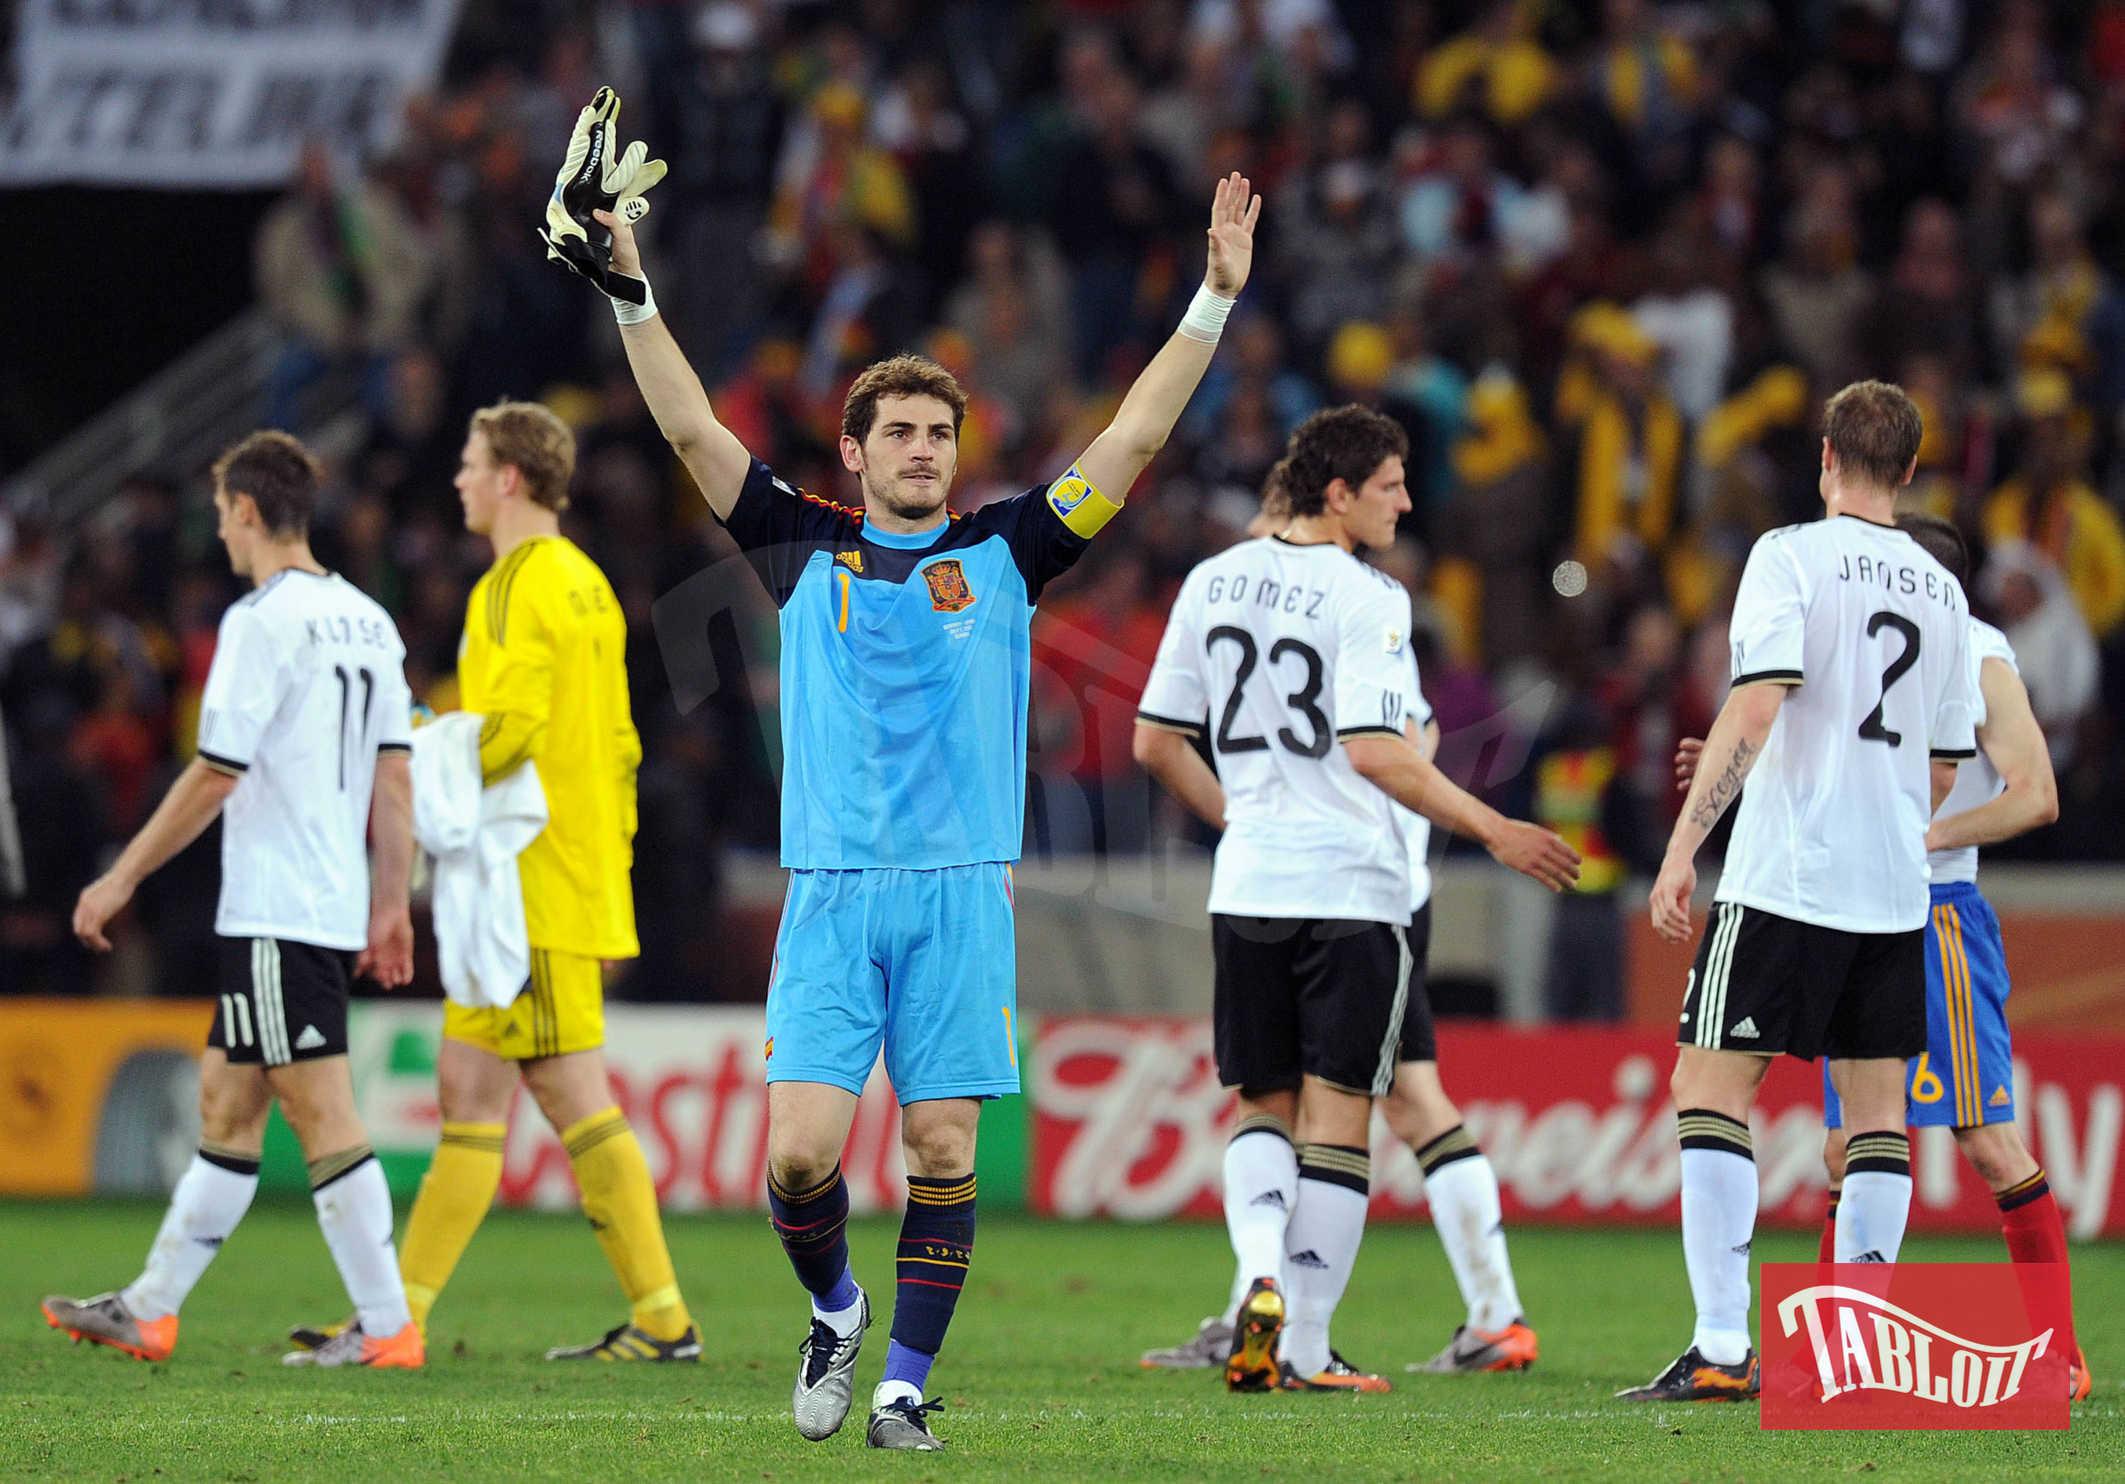 ker Casillas a Durban, Sud Africa, durante una partita nell'ambito della Fifa World Cup 2010